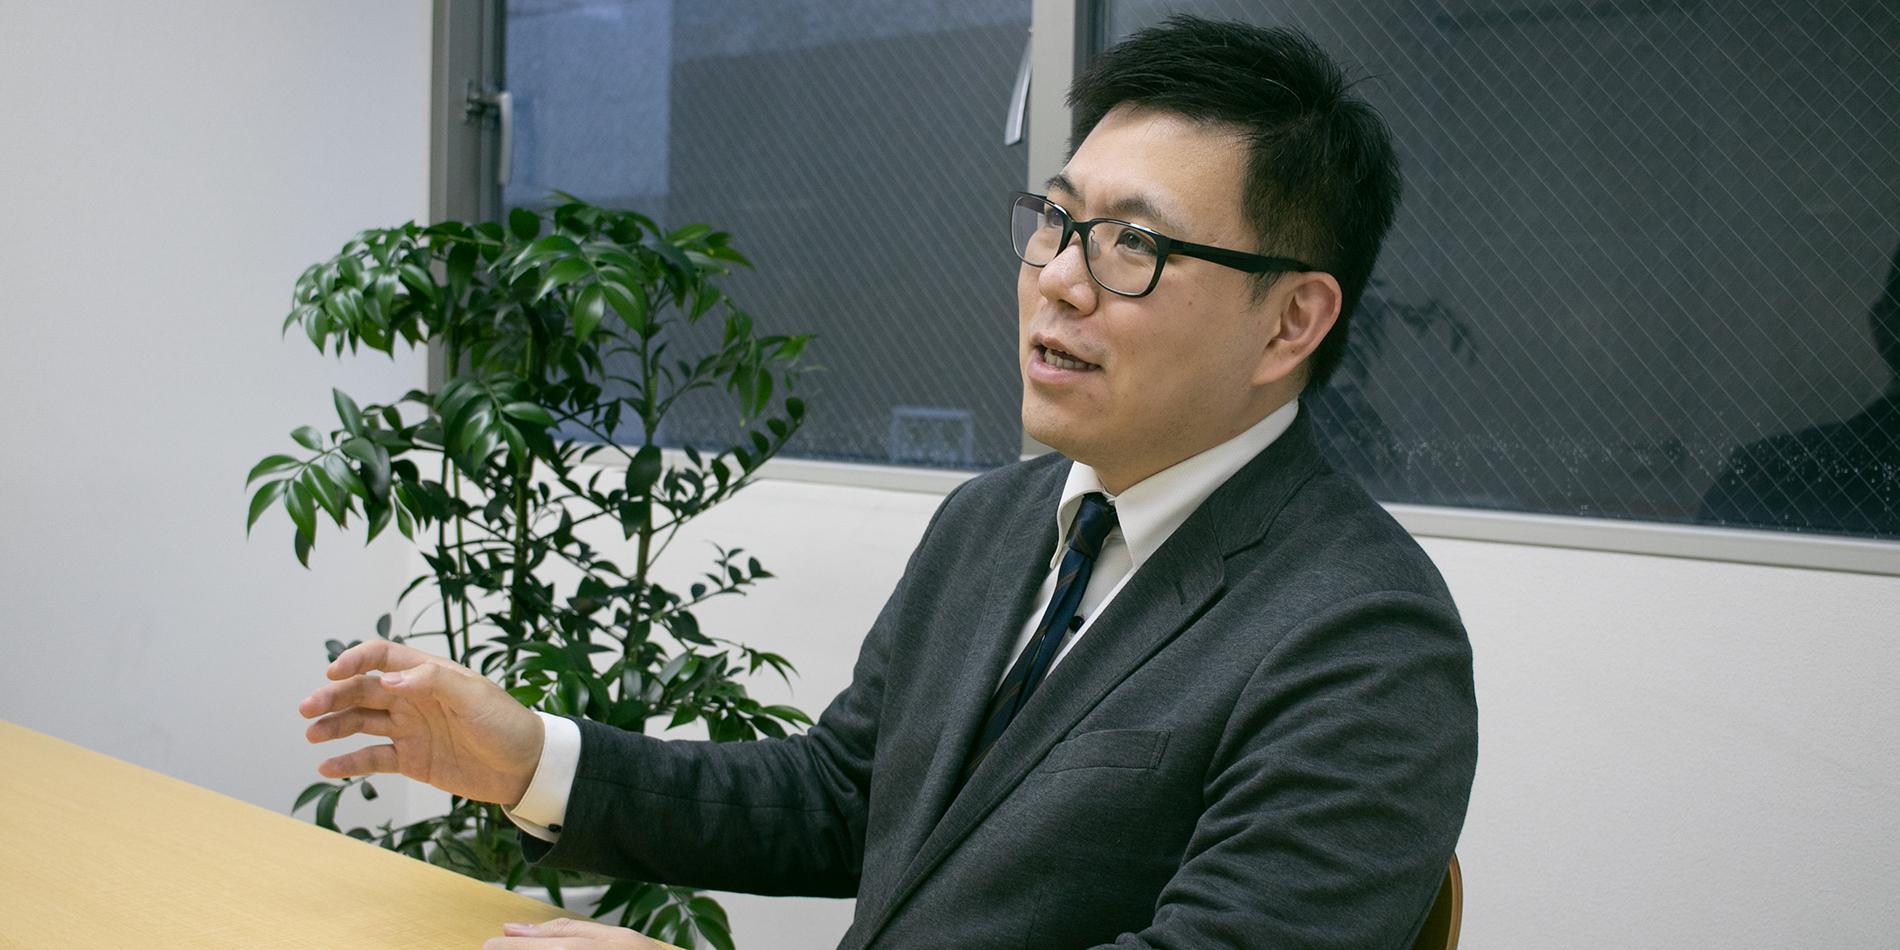 メイン講師 吉田 株式会社リゾーム所属